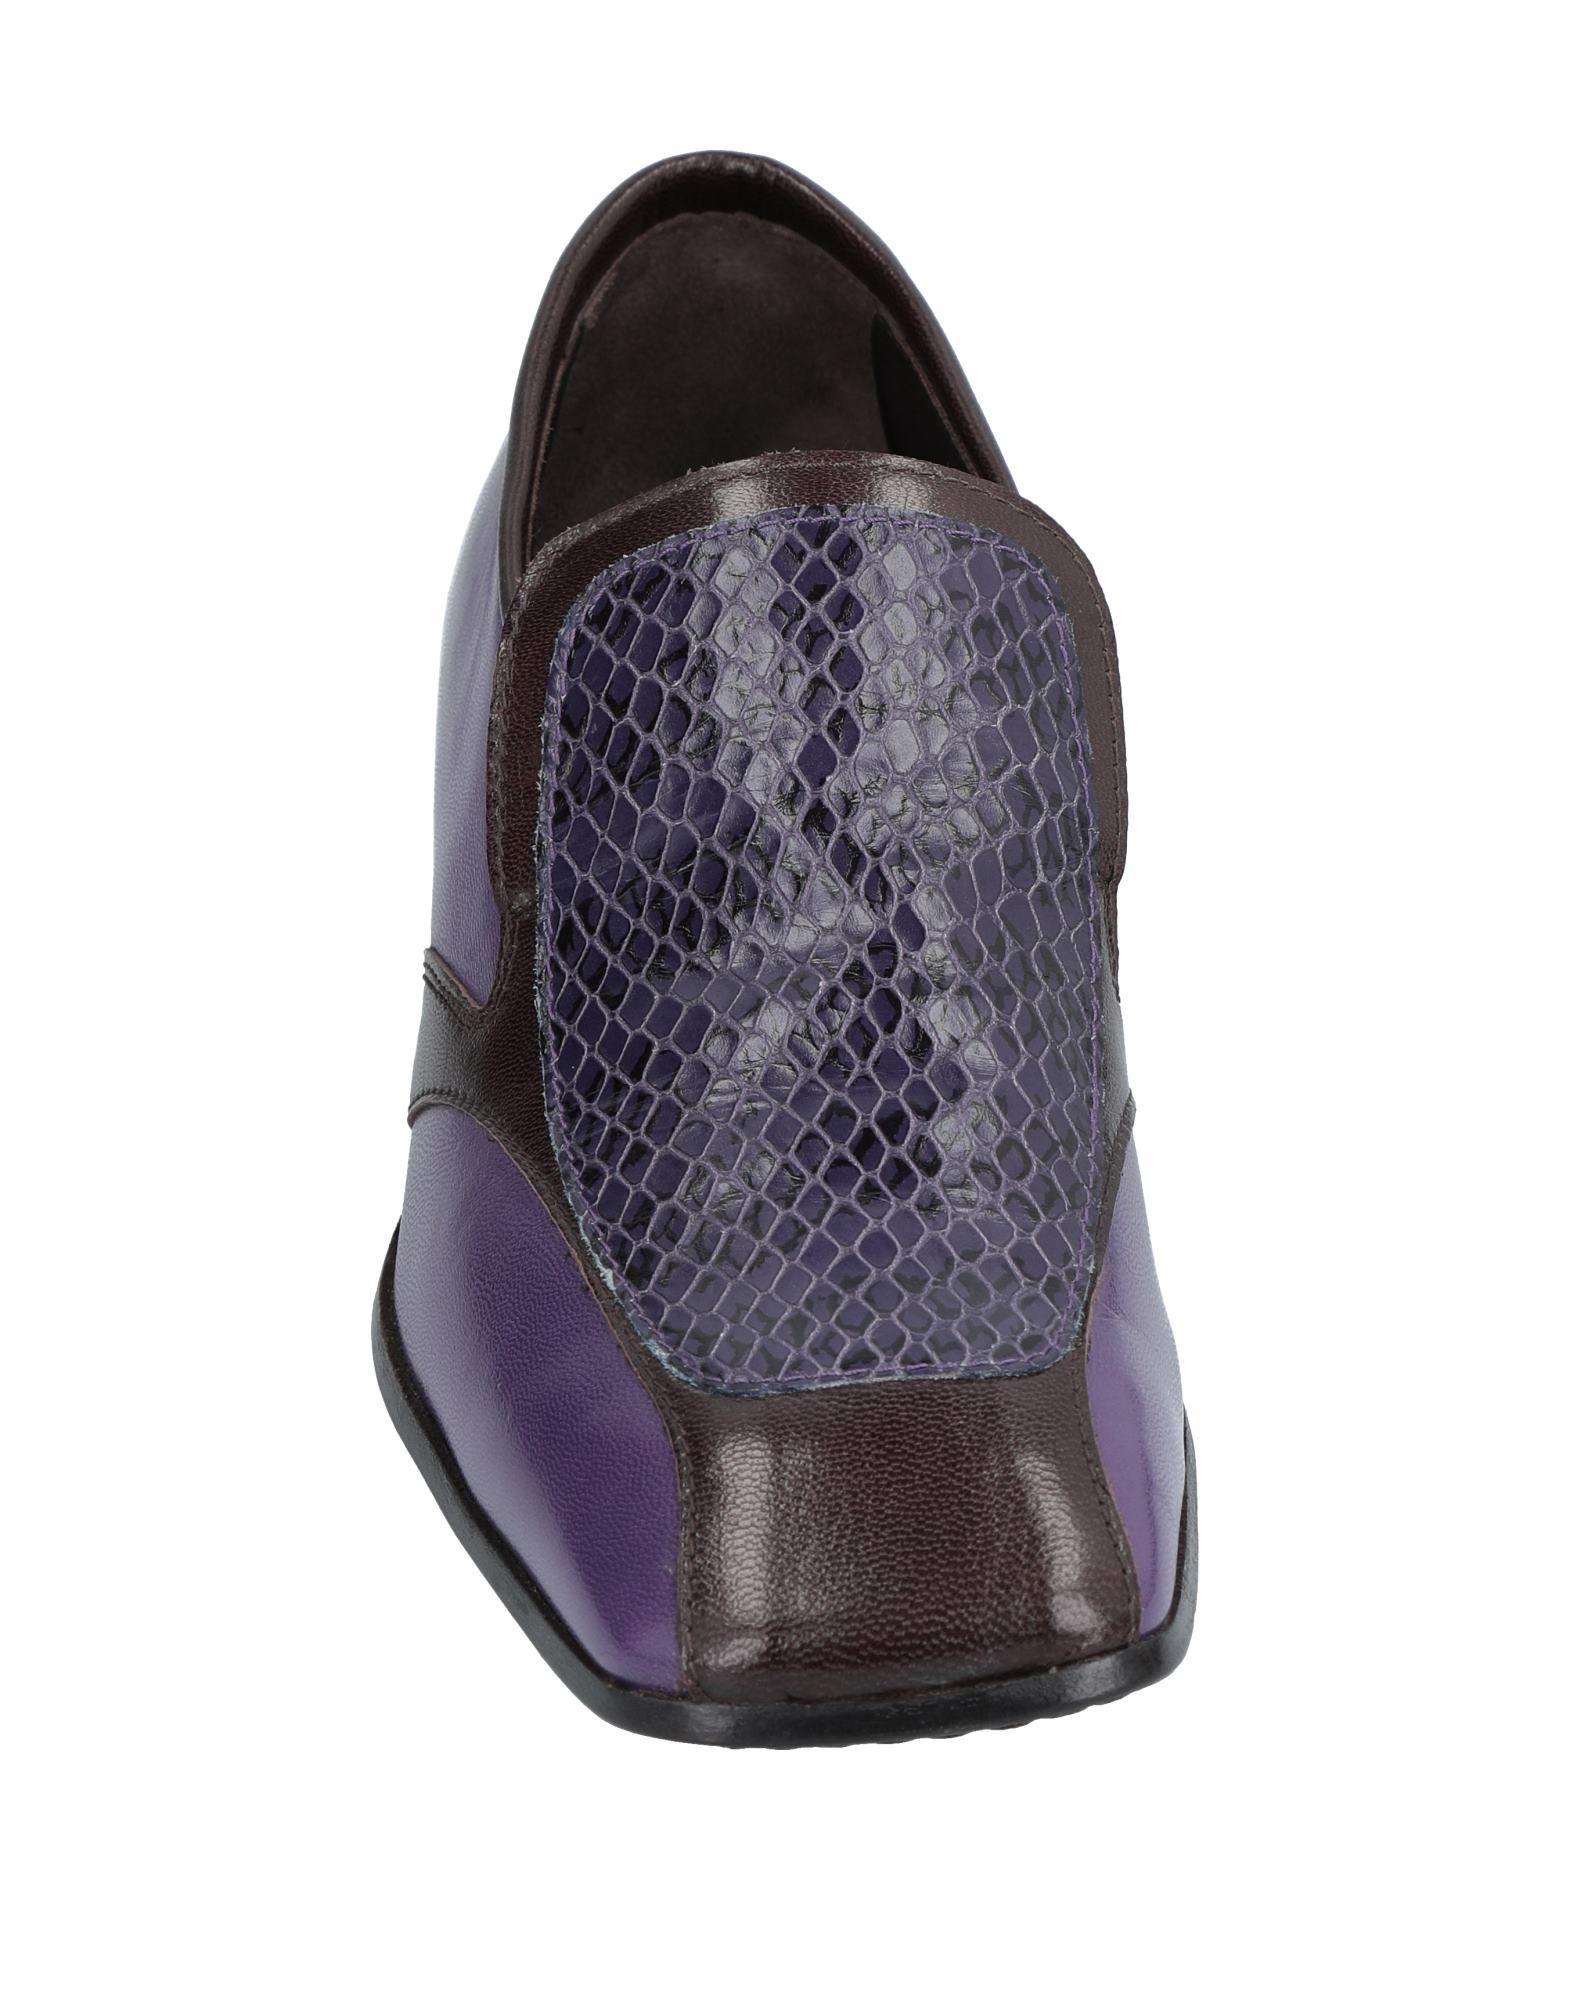 Miu Miu Mokassins Herren  11537089UH Gute Qualität beliebte Schuhe